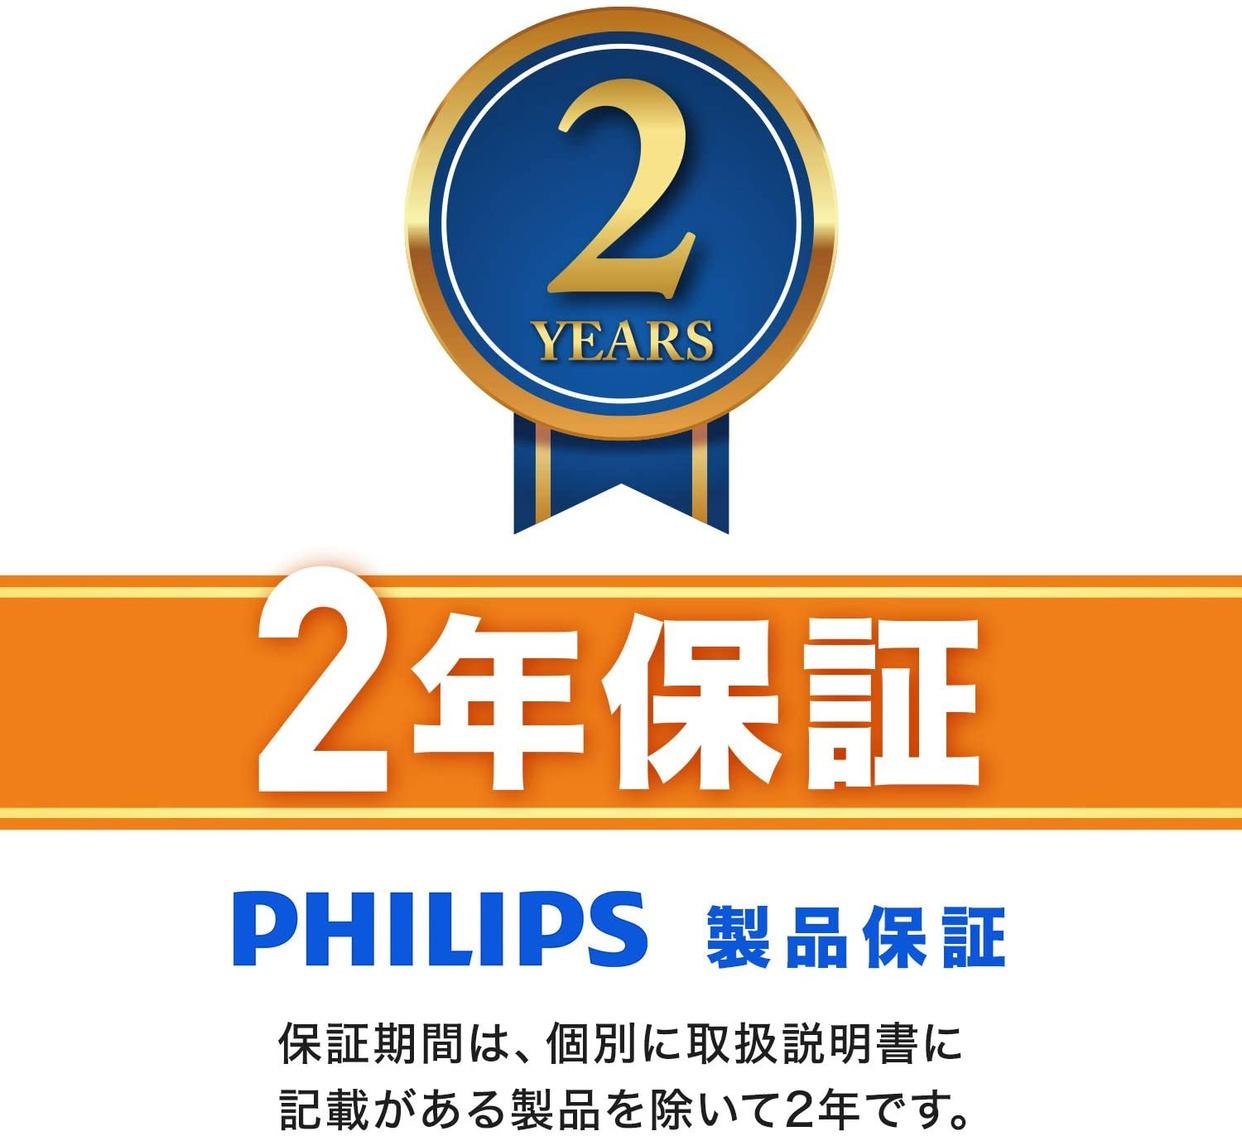 Philips(フィリップス) ソニッケアーキッズ HX6326/03の商品画像8